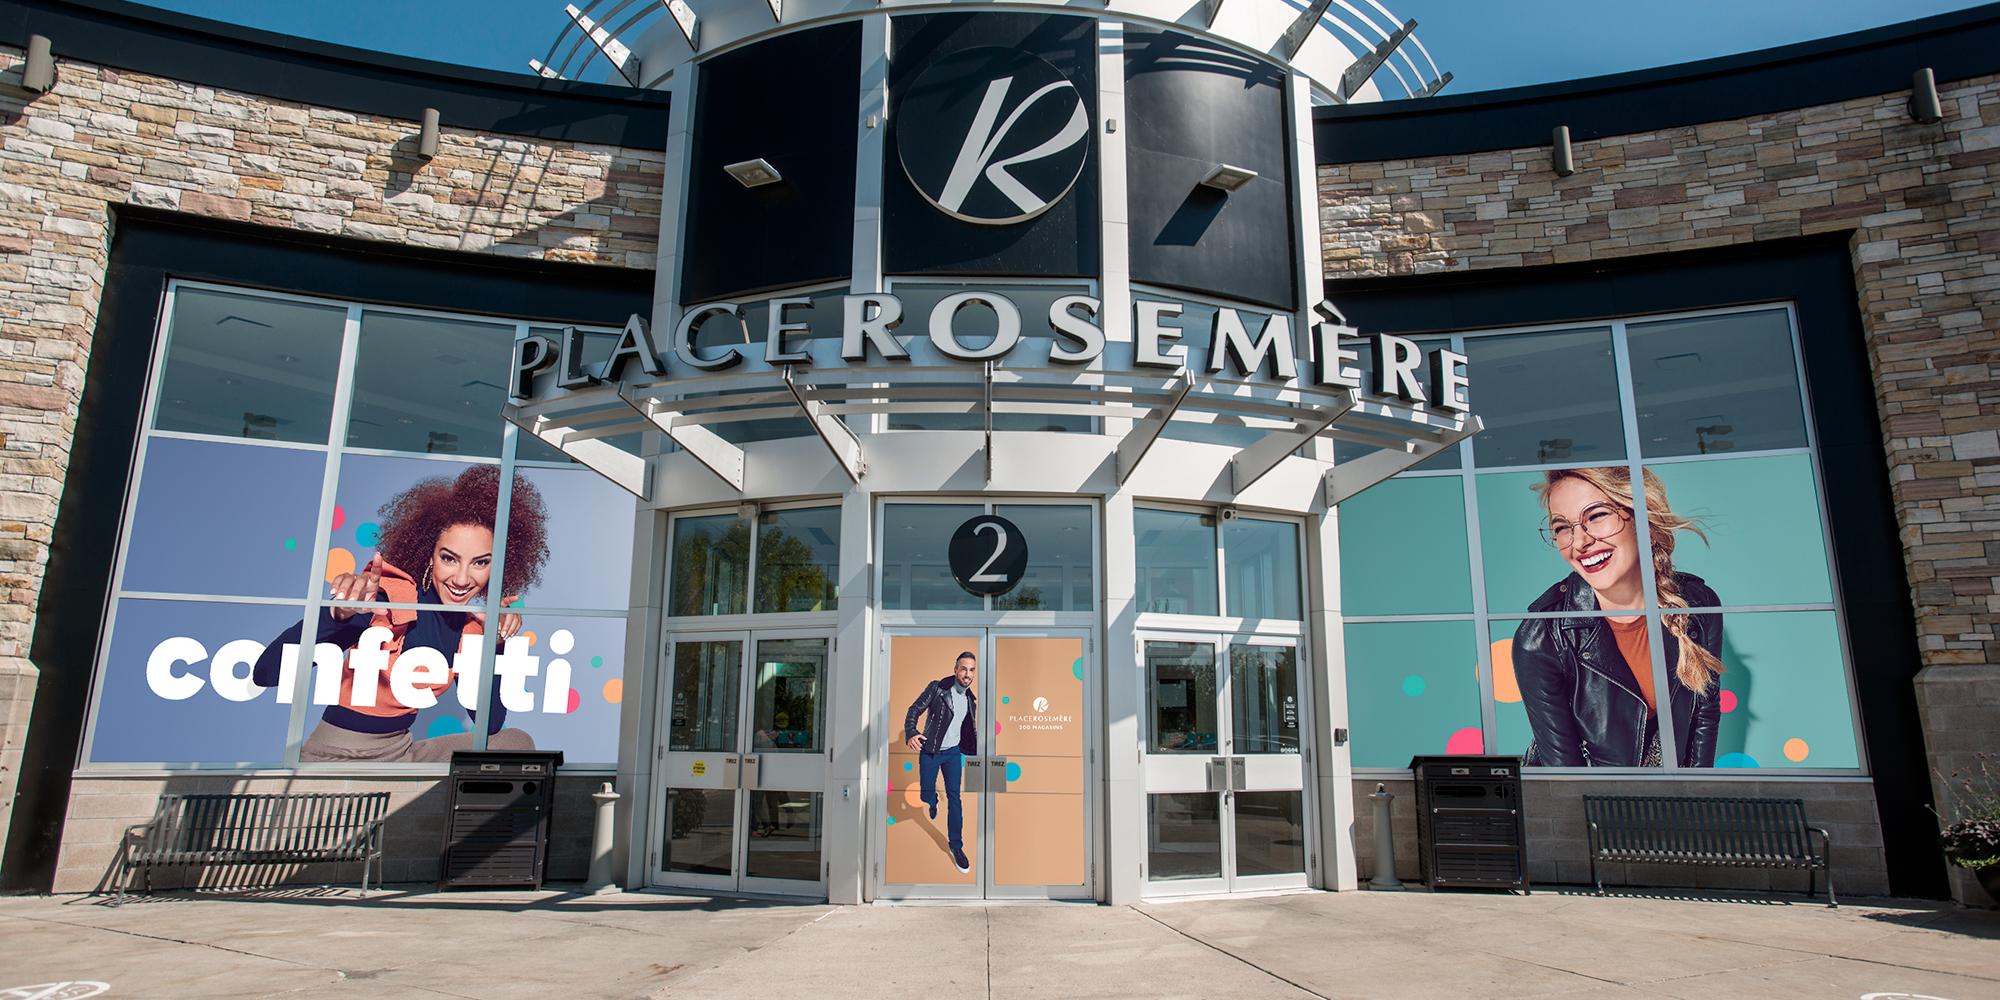 Fier d'habiller Place Rosemère pour l'automne 2020!